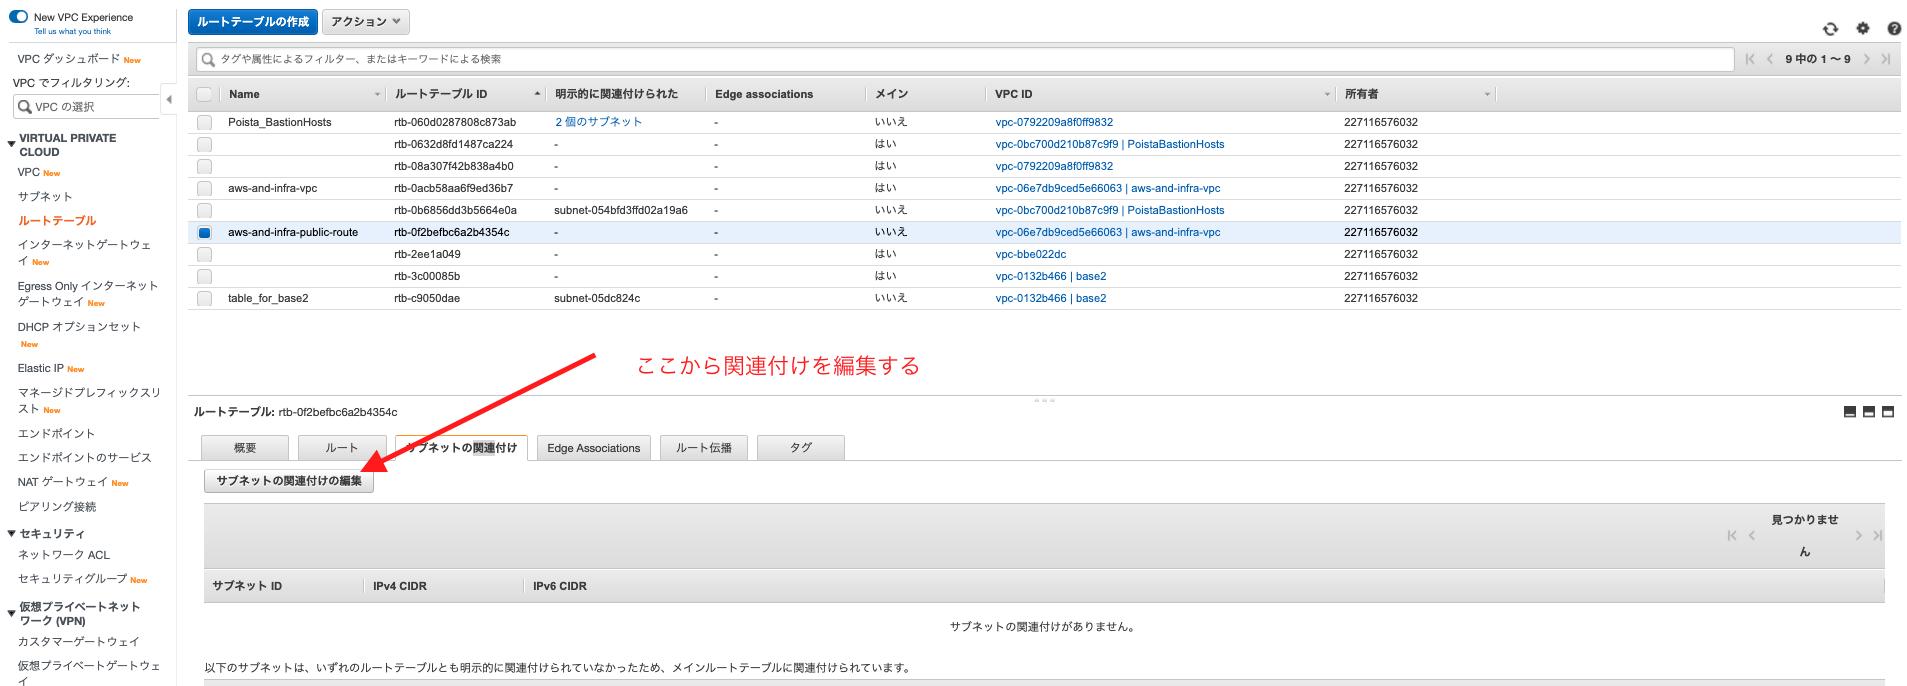 スクリーンショット 2020-11-02 0.39.07.png (224.0 kB)